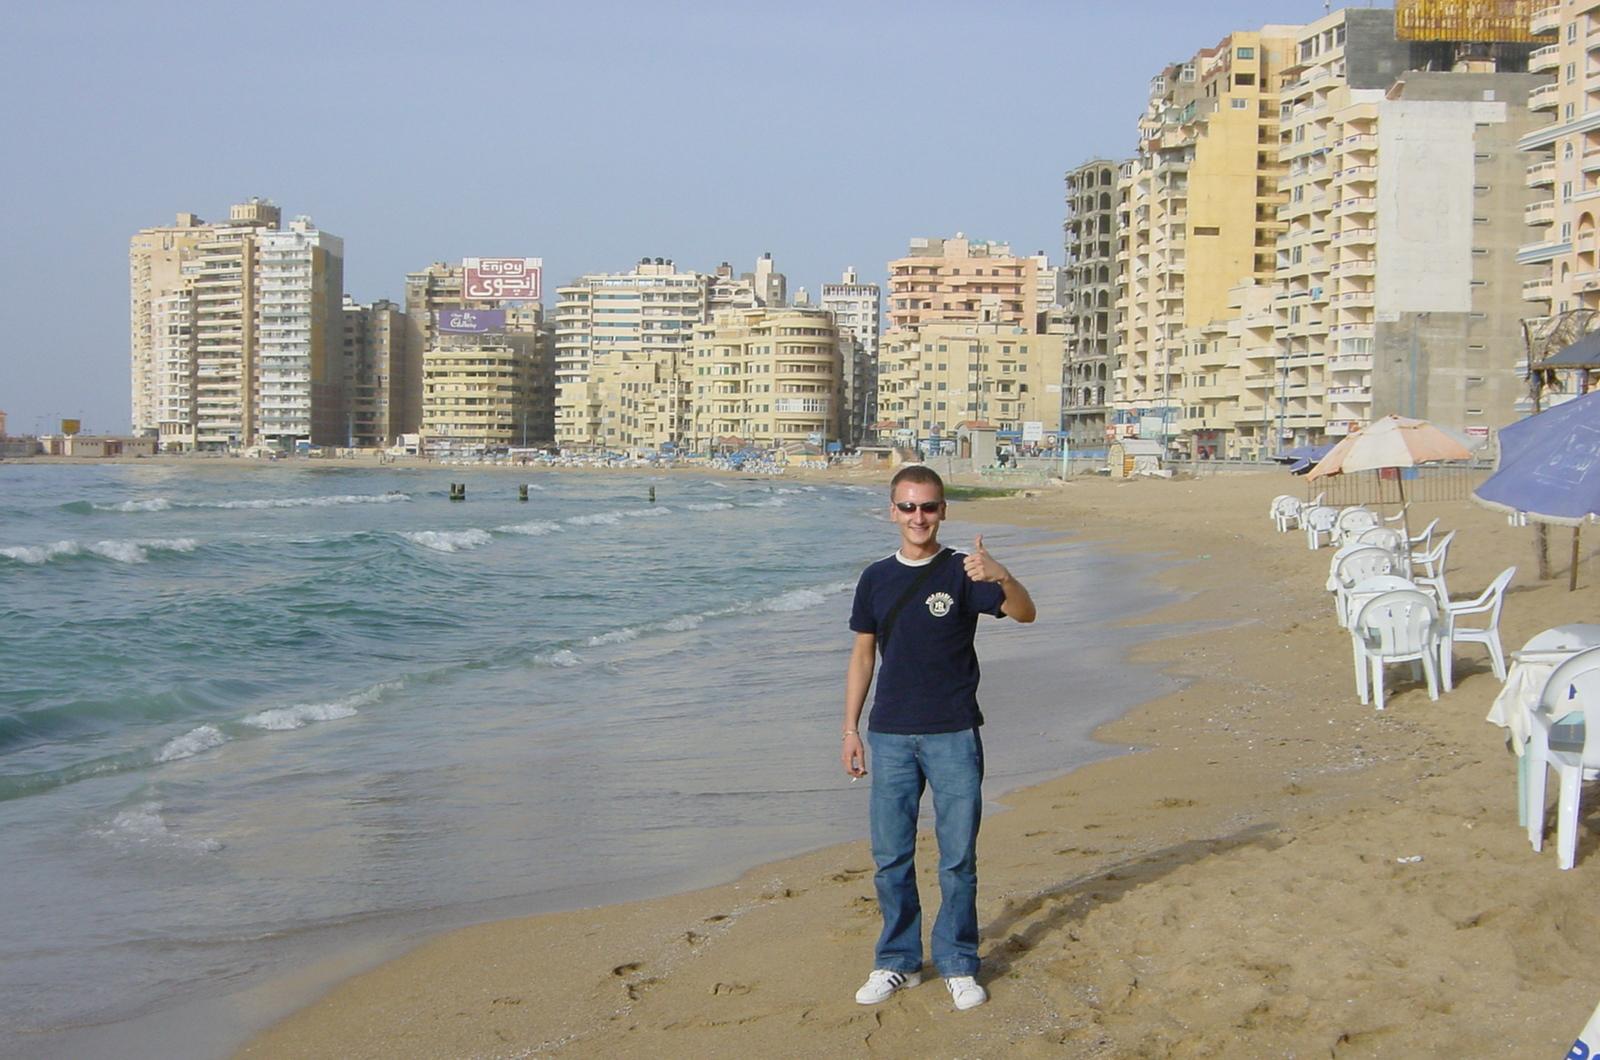 Пляж в Александрии на Средиземном море